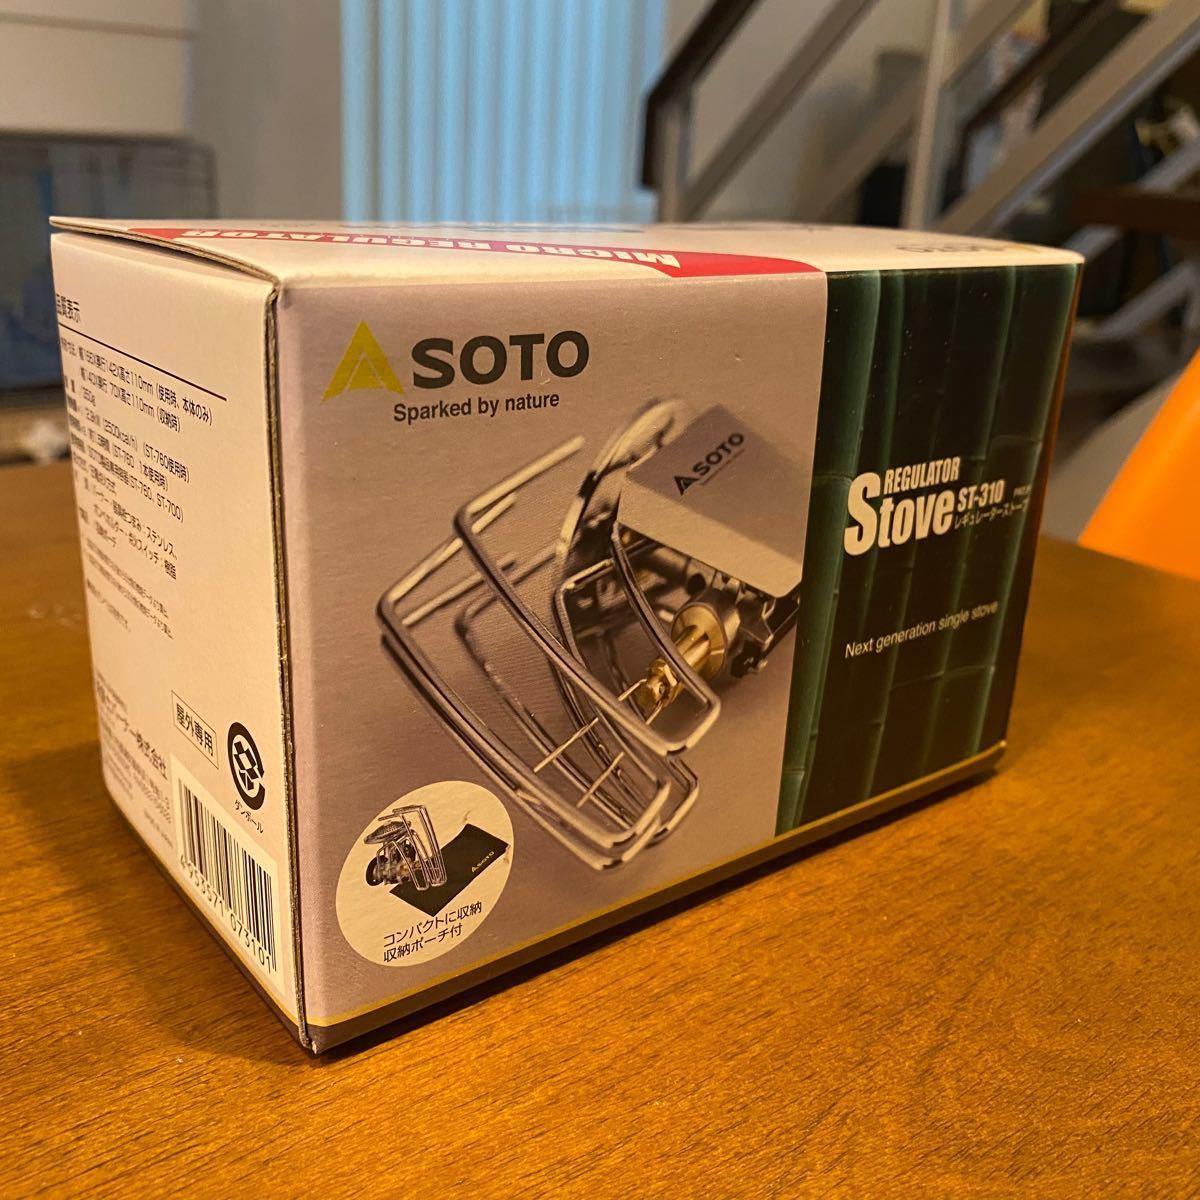 SOTO レギュレーターストーブ ST-310 スクリーン ST-3101 セット シングルバーナー 新富士バーナー ソト CB缶